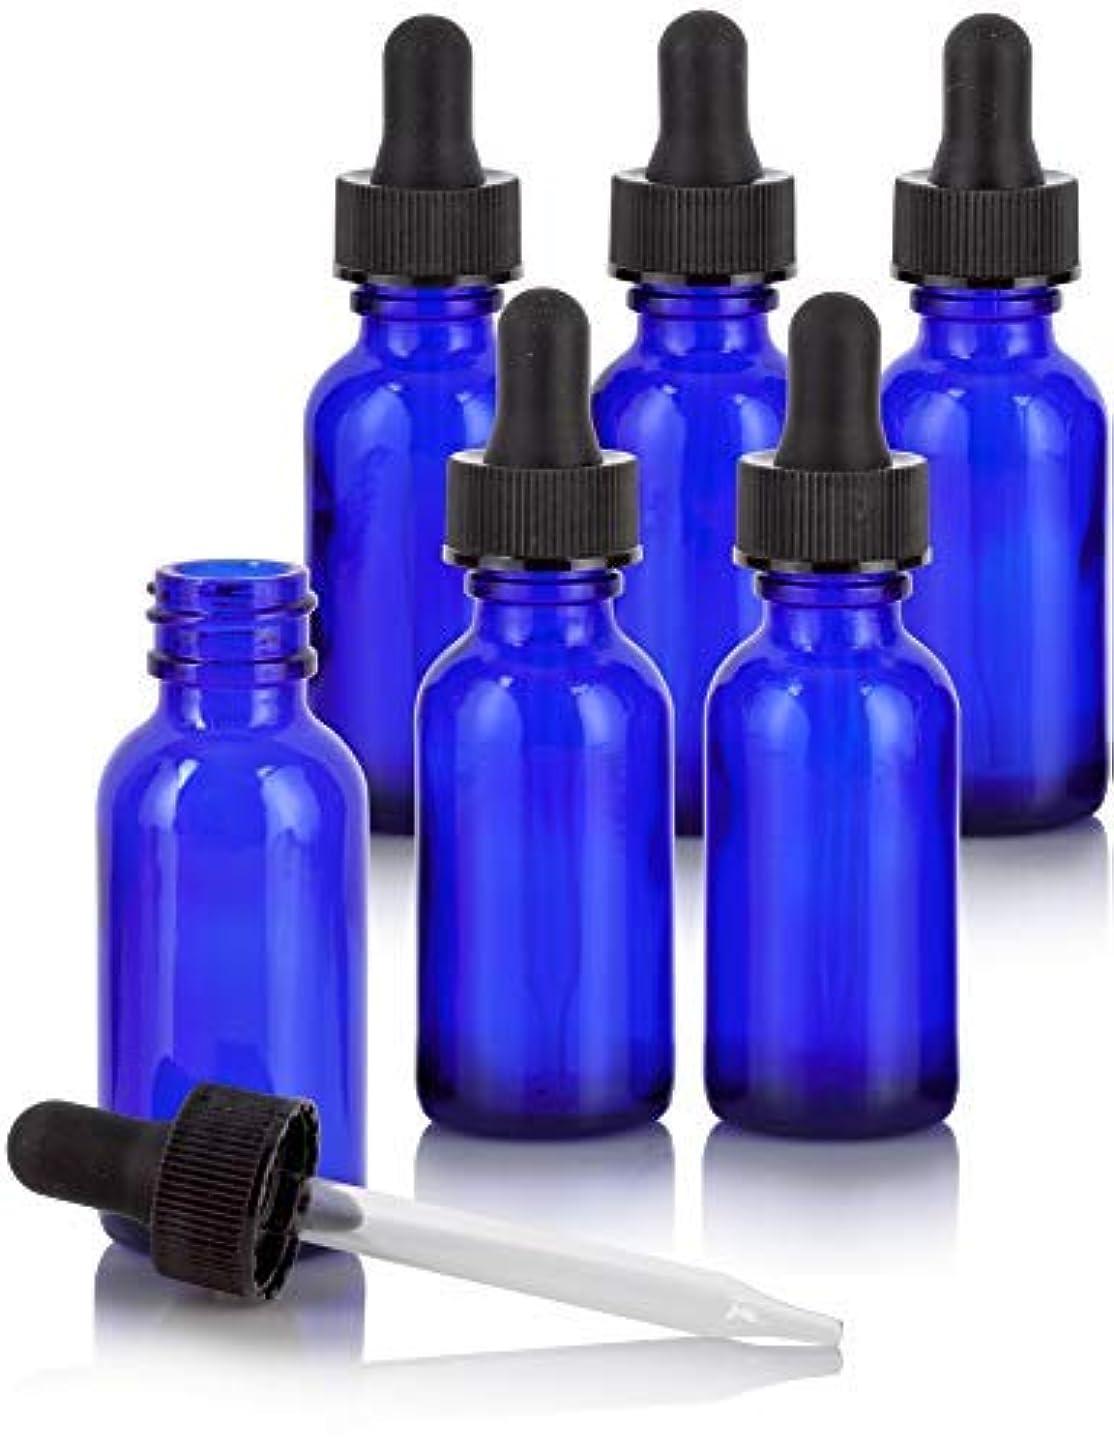 病な遅い申し立てられた1 oz Cobalt Blue Glass Boston Round Dropper Bottle (6 Pack) + Funnel and Labels for Essential Oils, Aromatherapy...